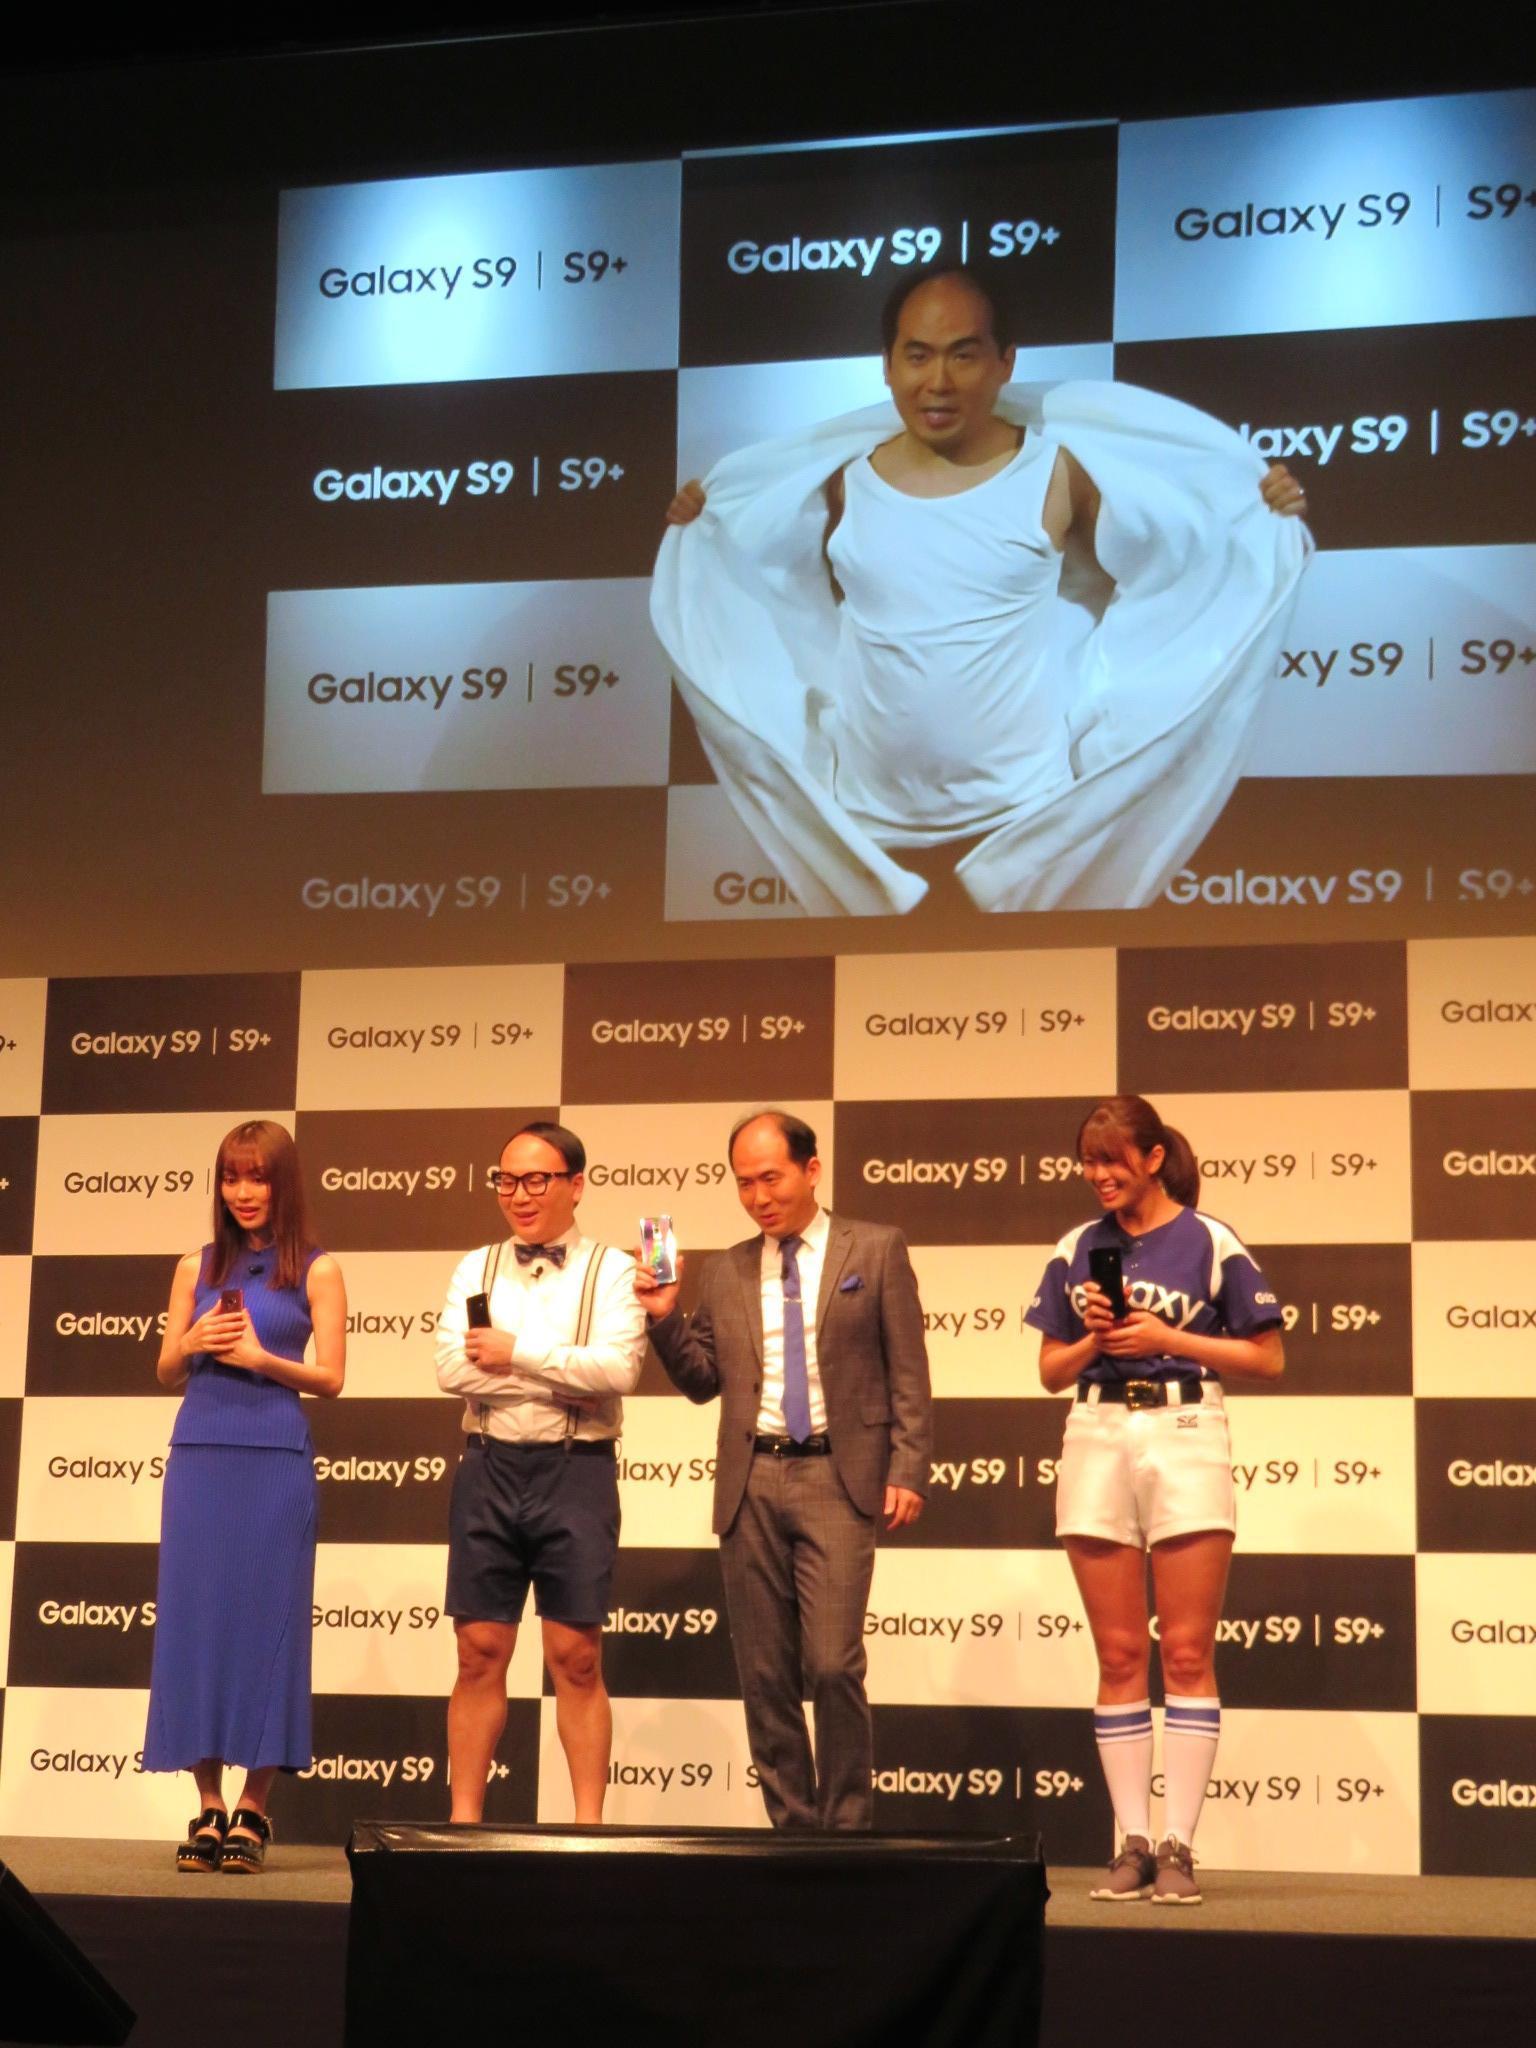 http://news.yoshimoto.co.jp/20180517175246-1c82175a38c1a2d01bd61c7d078113b5e296361f.jpg